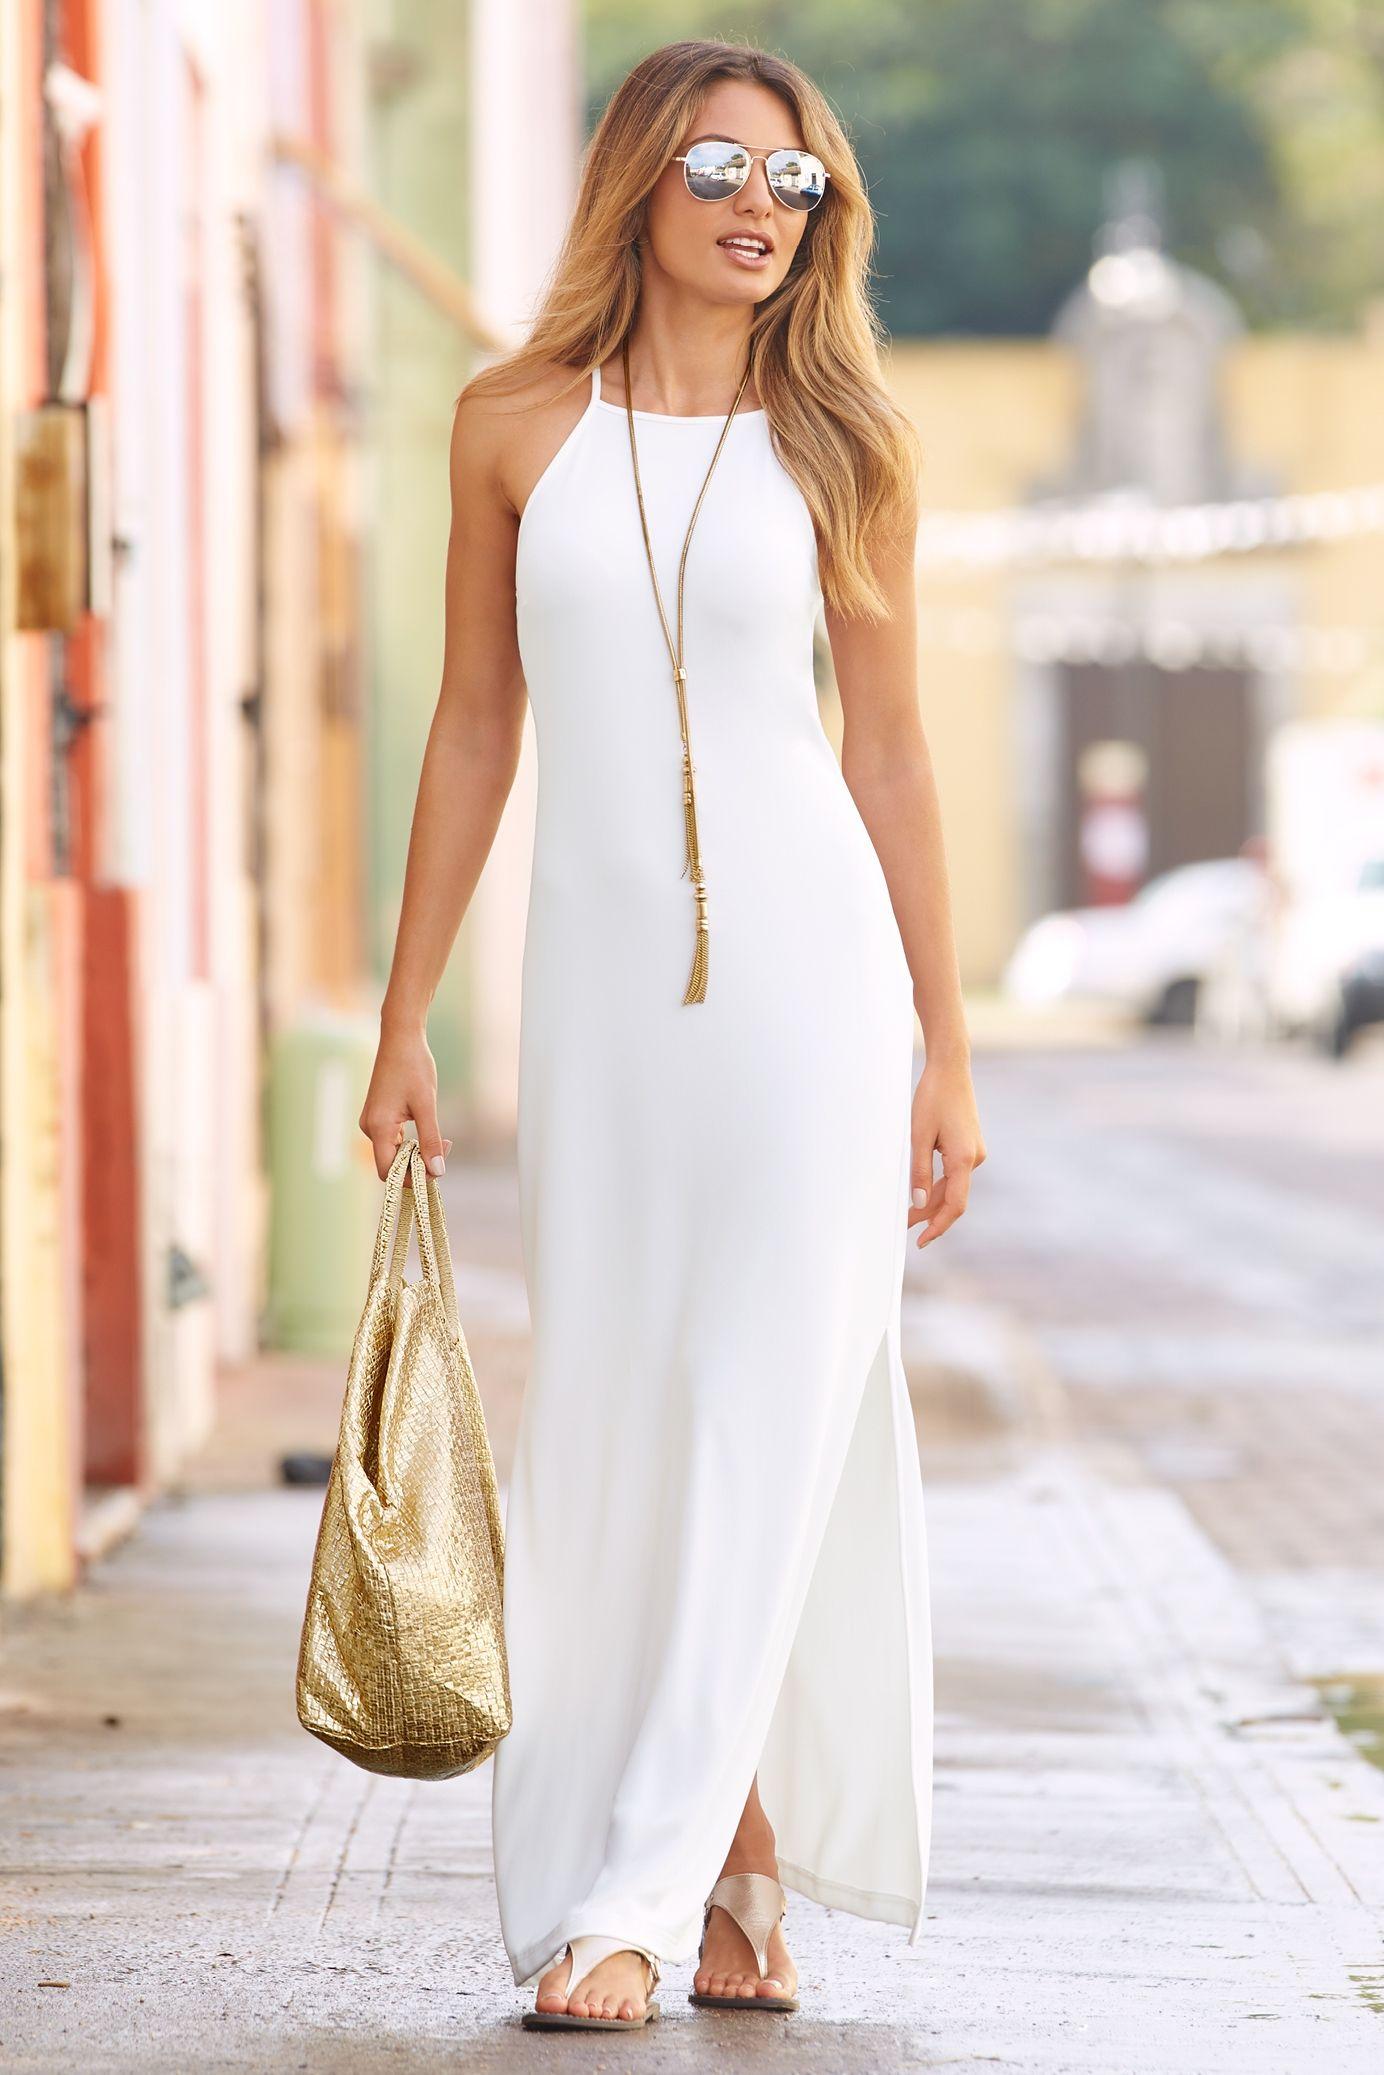 Trending Fashion Women S White Travel High Neck Maxi